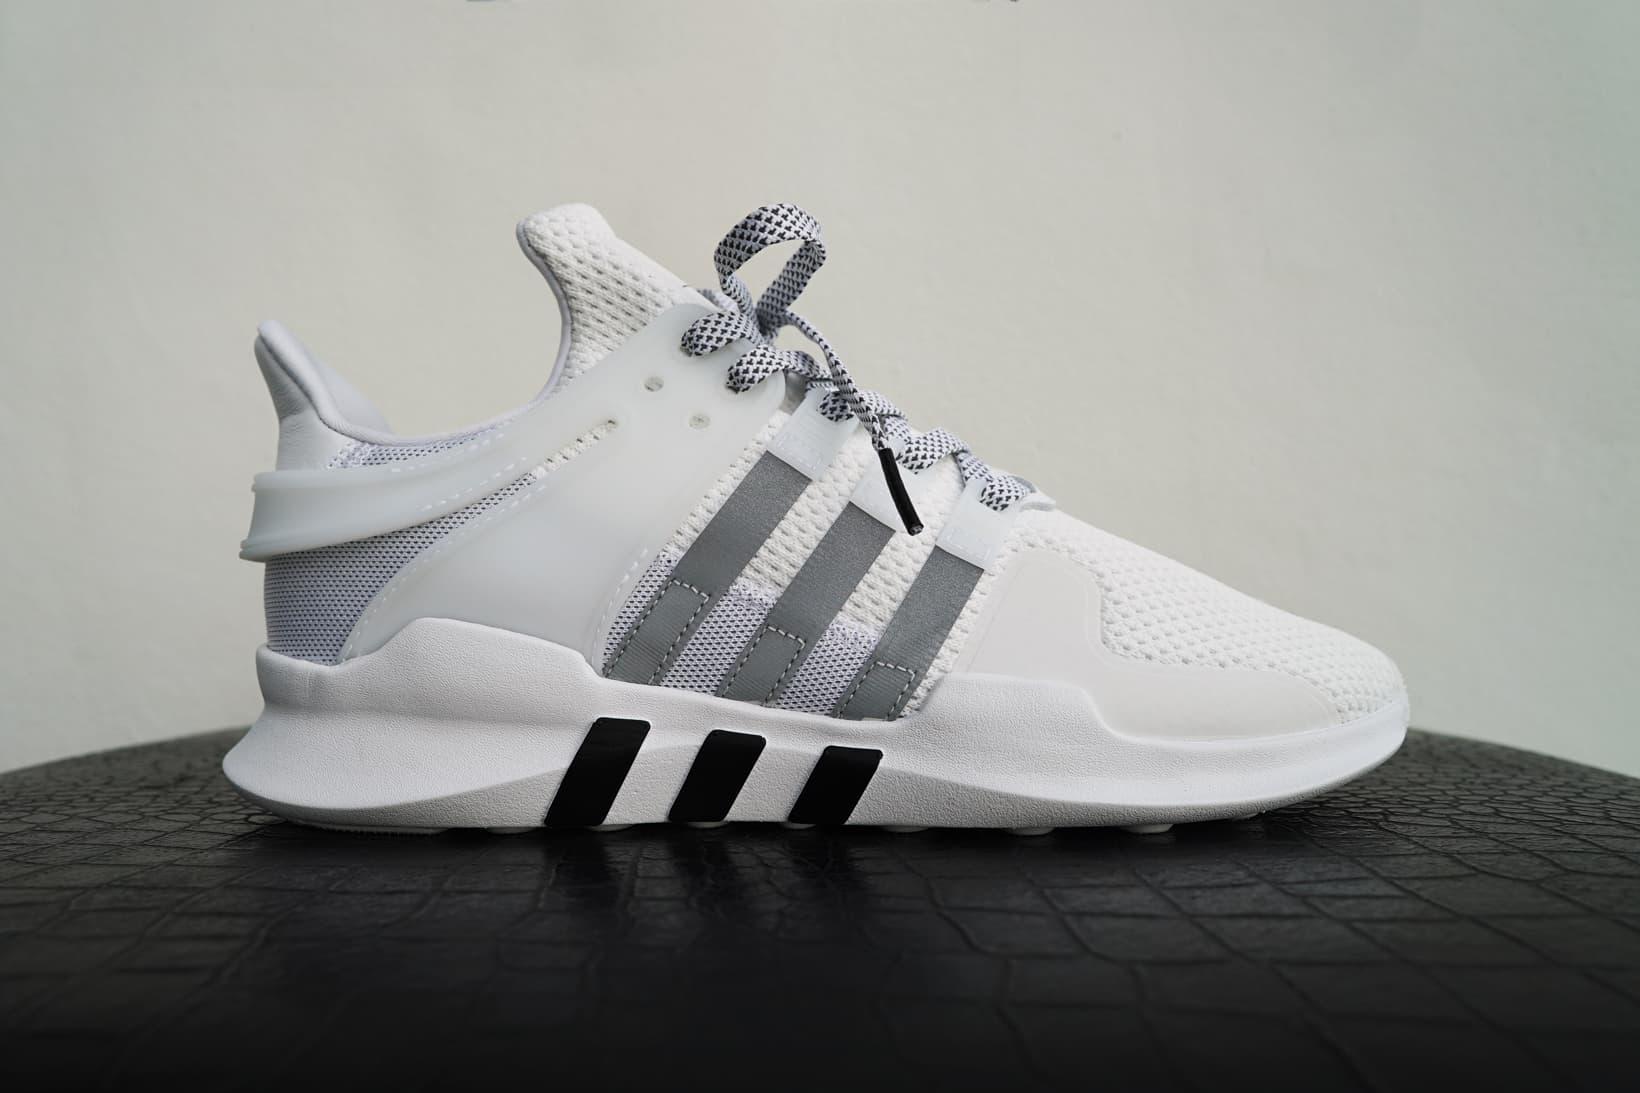 Adidas Originals Eqt Support Adv Primeknit Reflective Closer Look